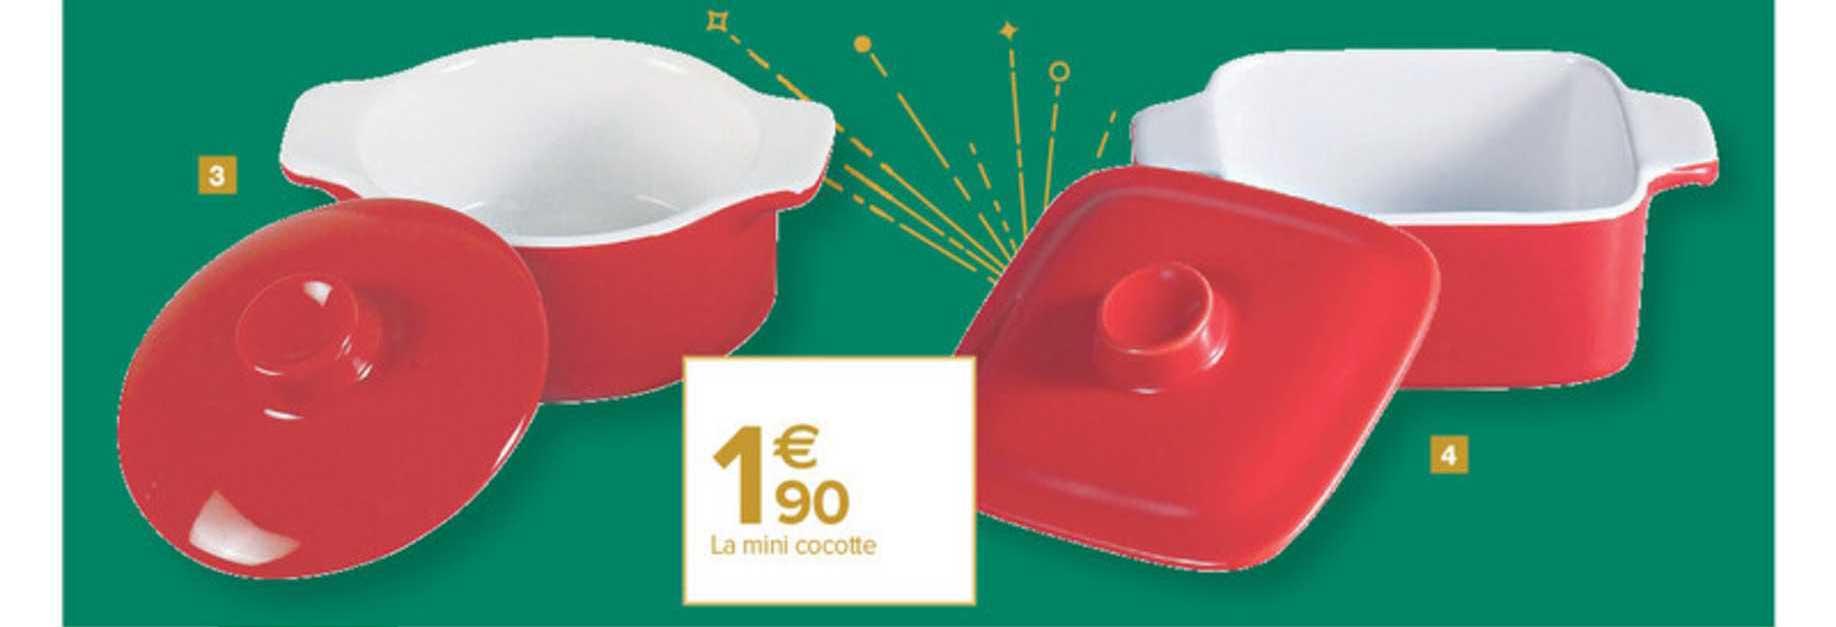 offre mini cocotte chez carrefour market